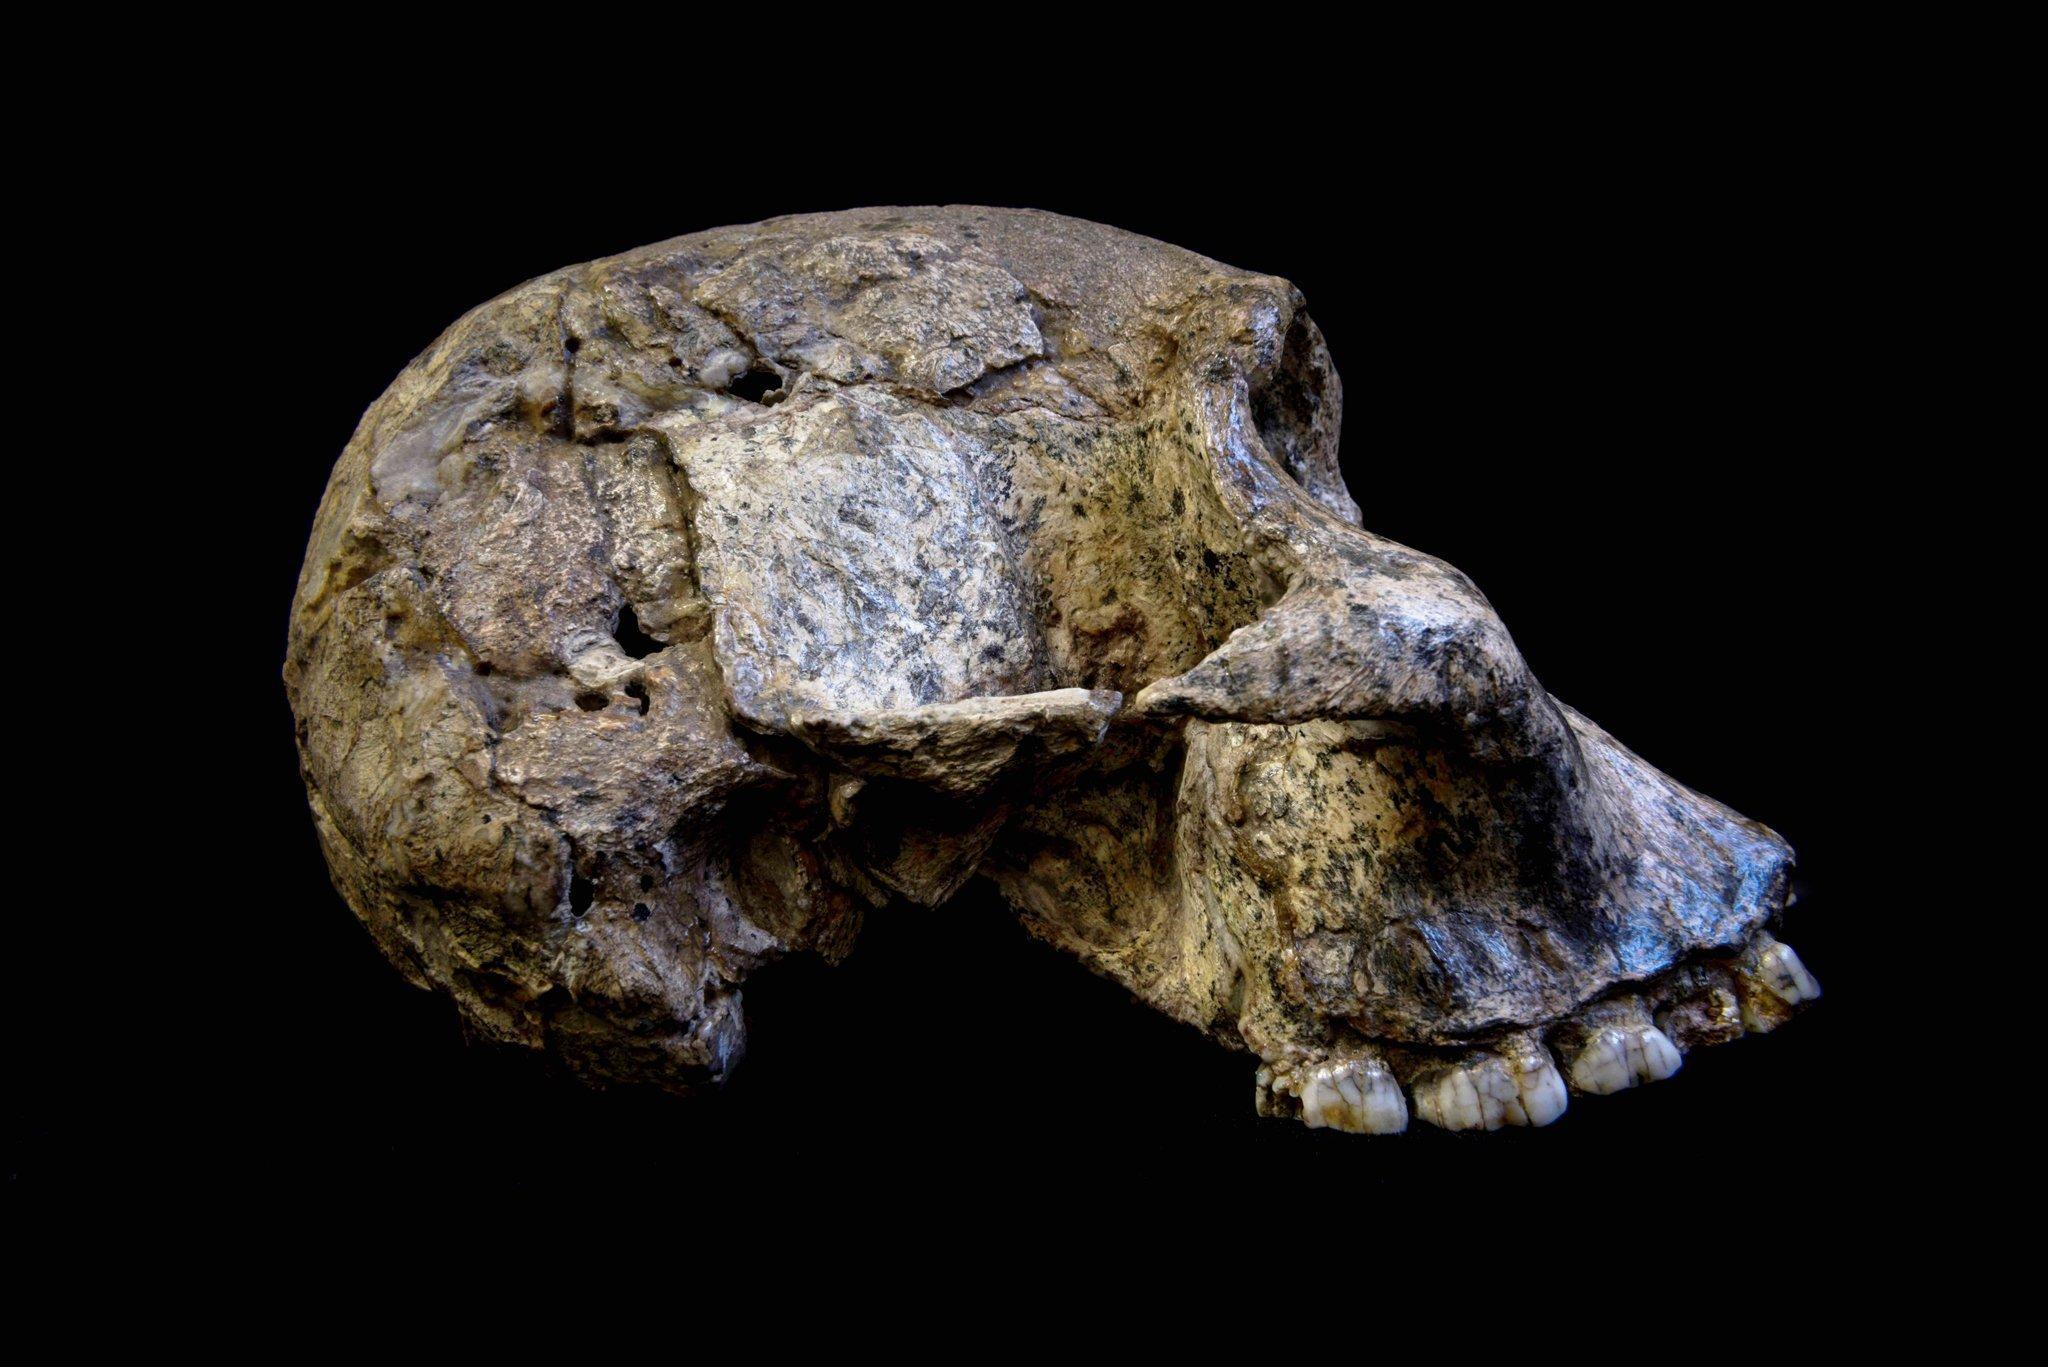 Abgebildet ist der fossile, von der Seite fotografierte Schädel eines Australopithecus africanus. Diese Vormenschen, deren Schädel noch recht stark denen von Schimpansen ähneln, lebten vor 3bis 2,1Millionen Jahren in den Savannen Afrikas. In ihrem Stillverhalten waren sie allerdings sehr flexibel, wie Zahnanalysen jetzt erwiesen.